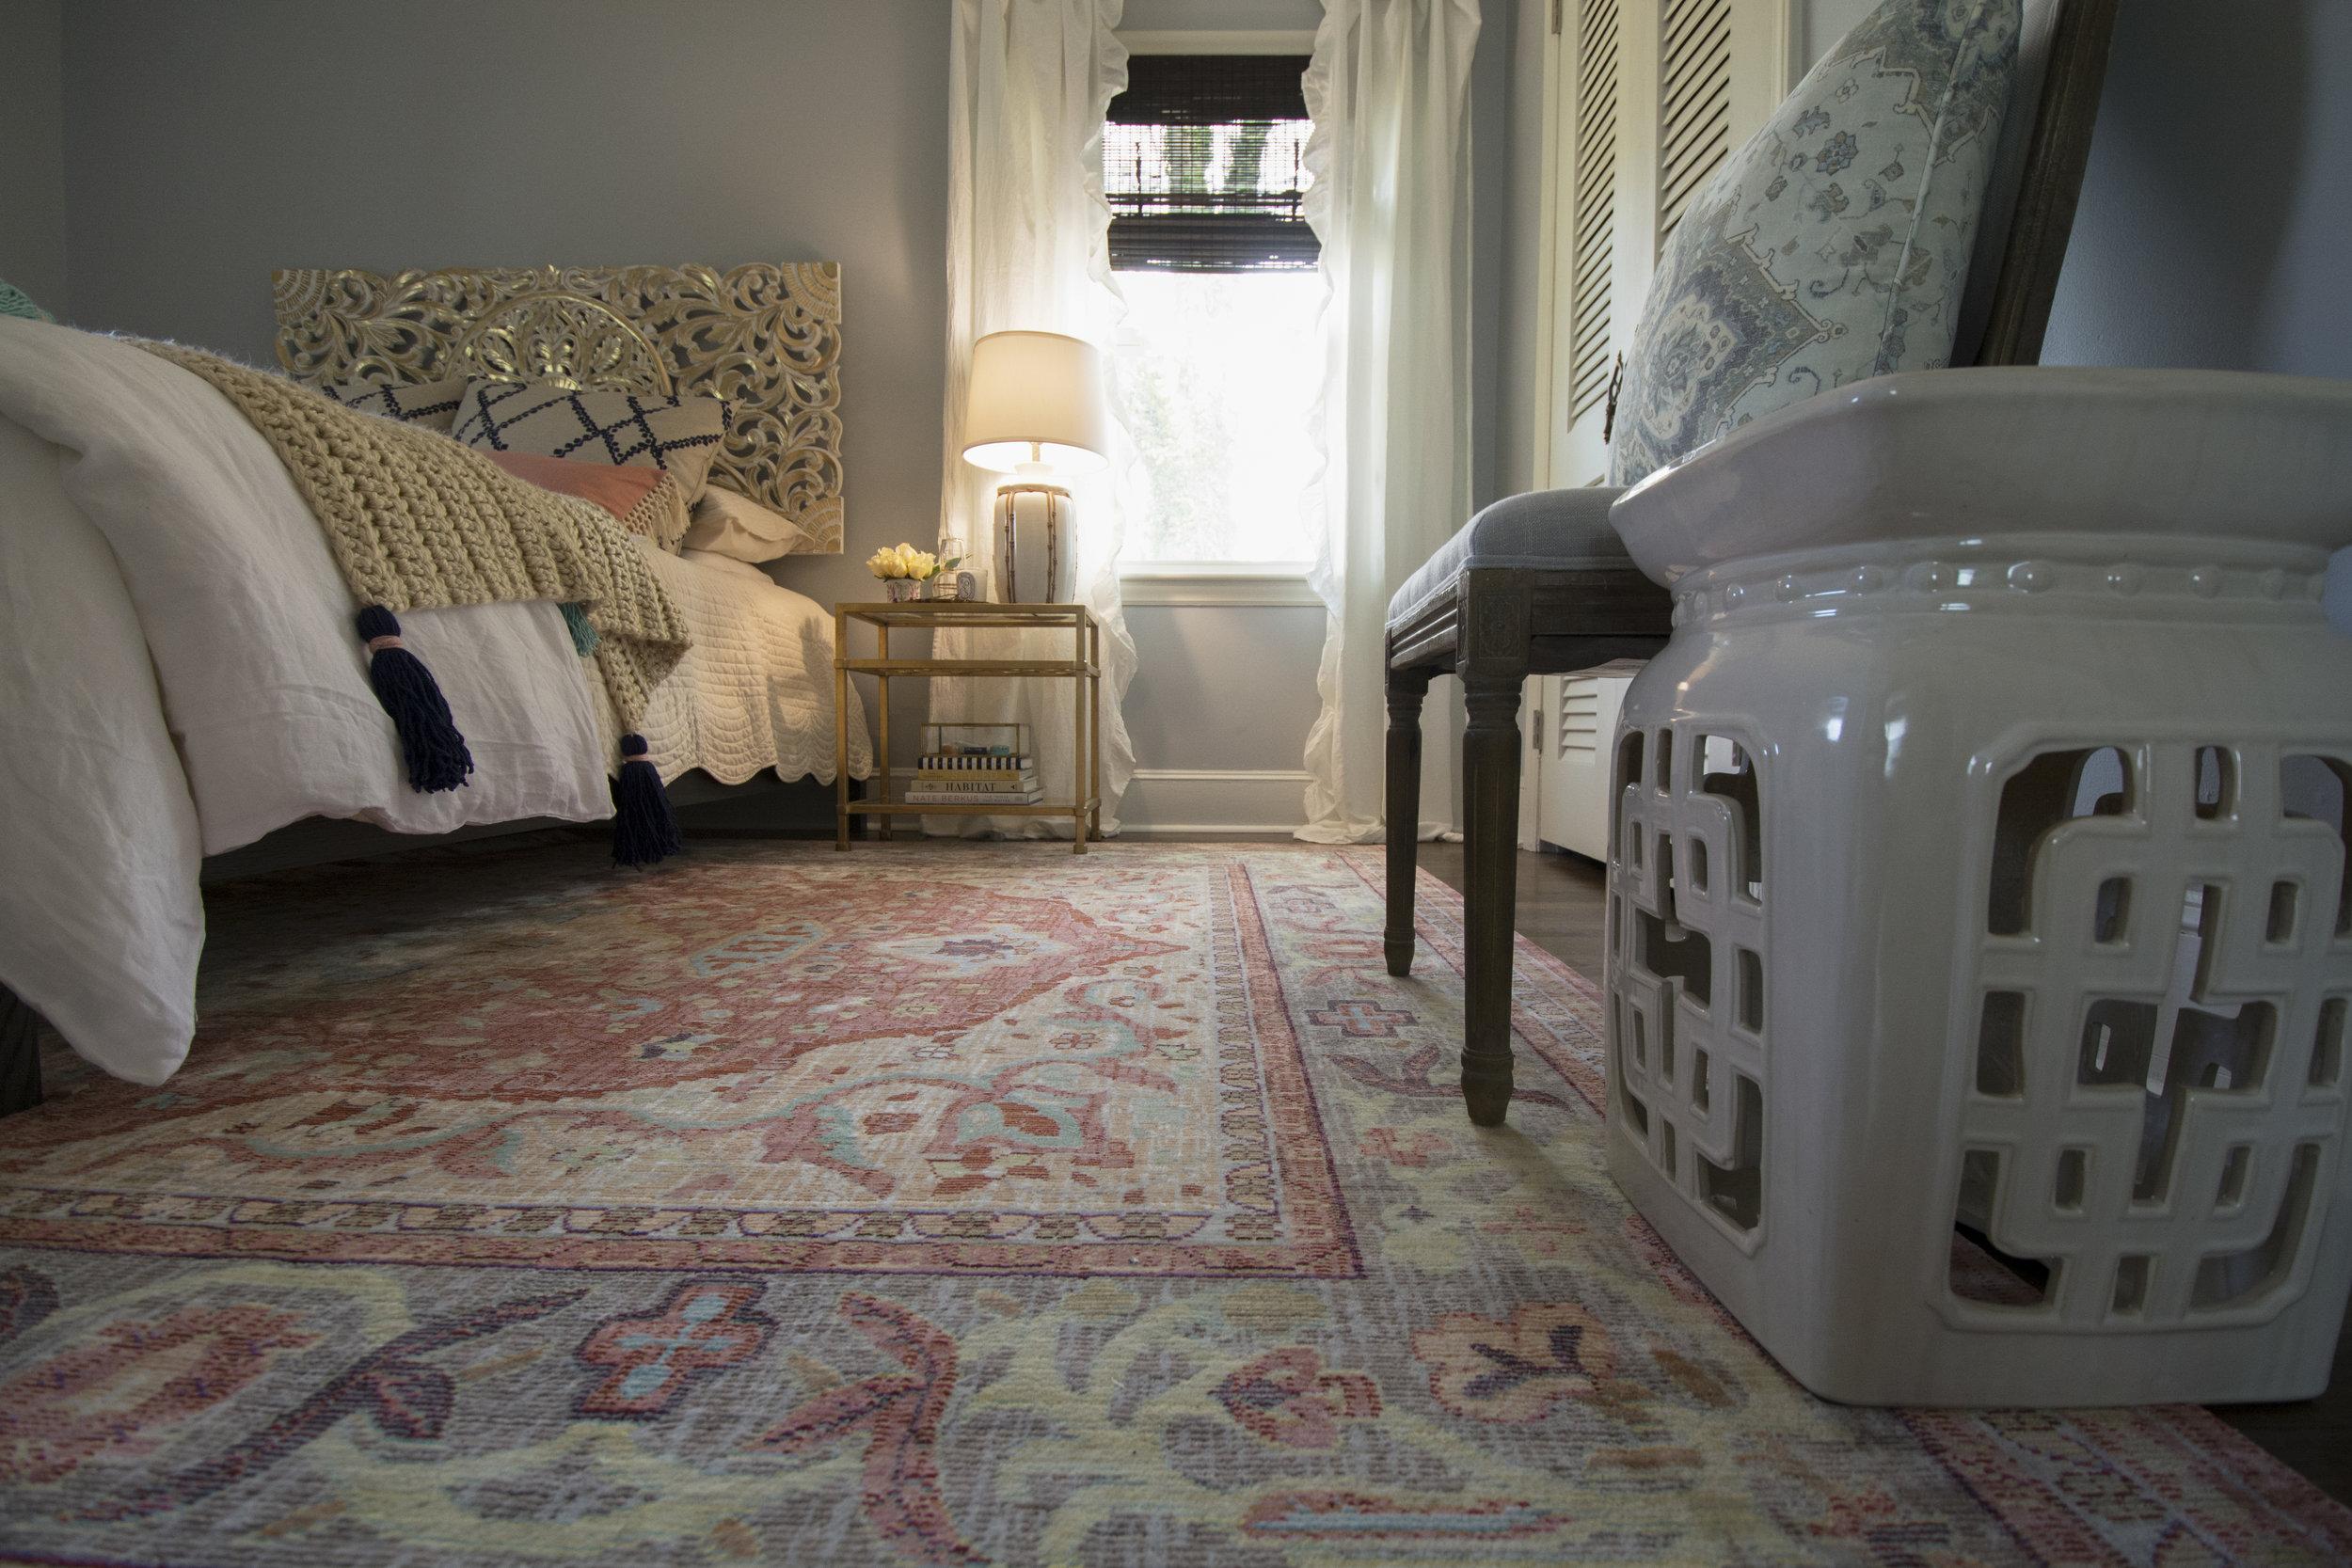 Artful Interiors - Bohemian Bedroom -Garden Stool Room